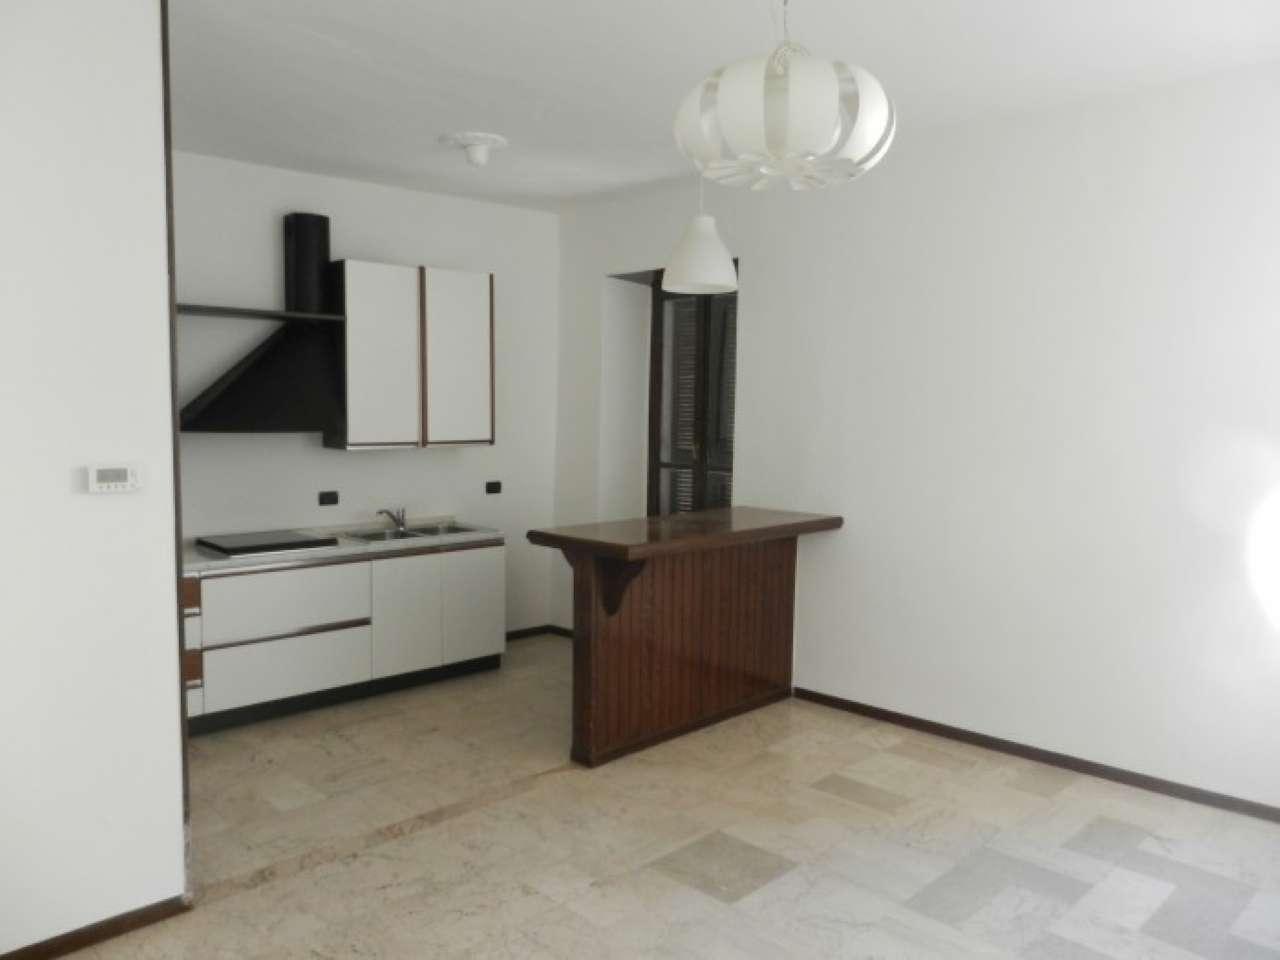 Appartamento in vendita a Paitone, 2 locali, prezzo € 40.000 | CambioCasa.it